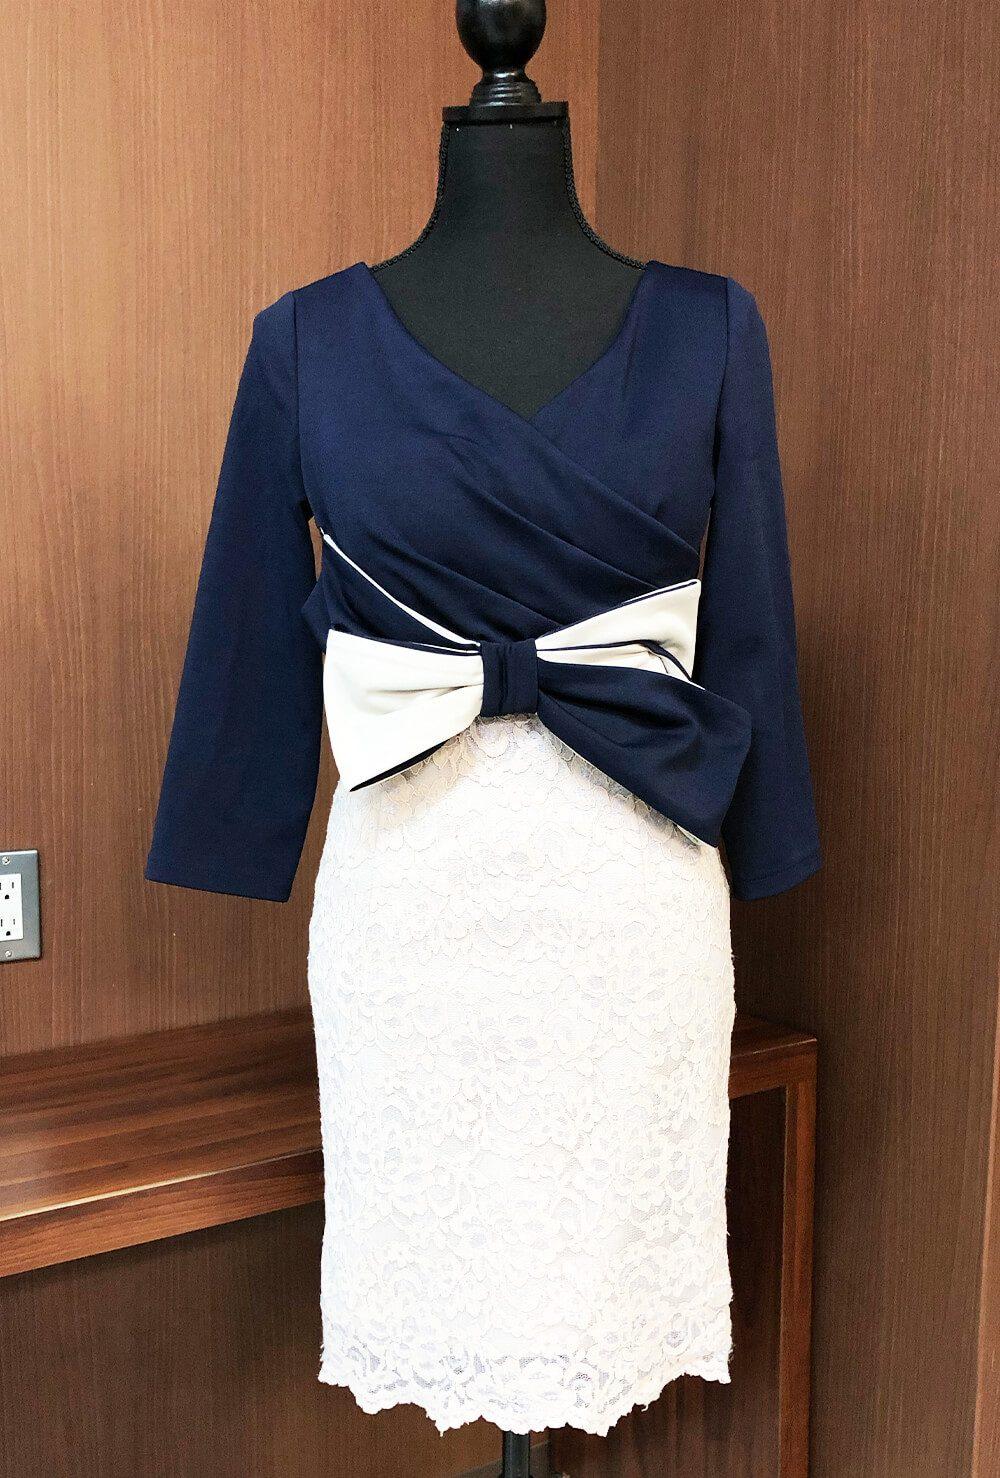 人気のネイビー&ホワイトのバイカラードレス